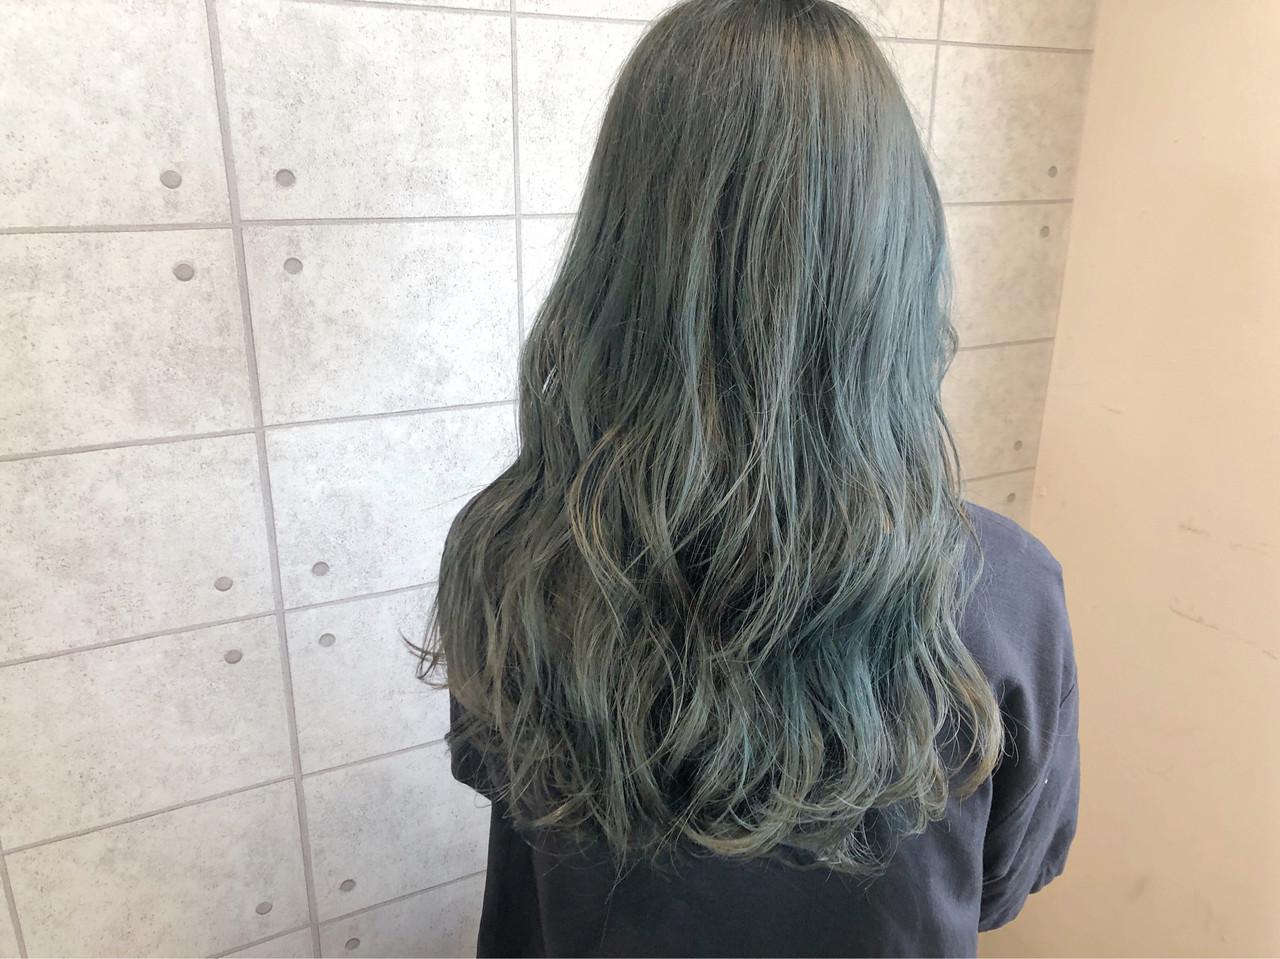 イルミナカラー ターコイズブルー 透明感カラー モード ヘアスタイルや髪型の写真・画像